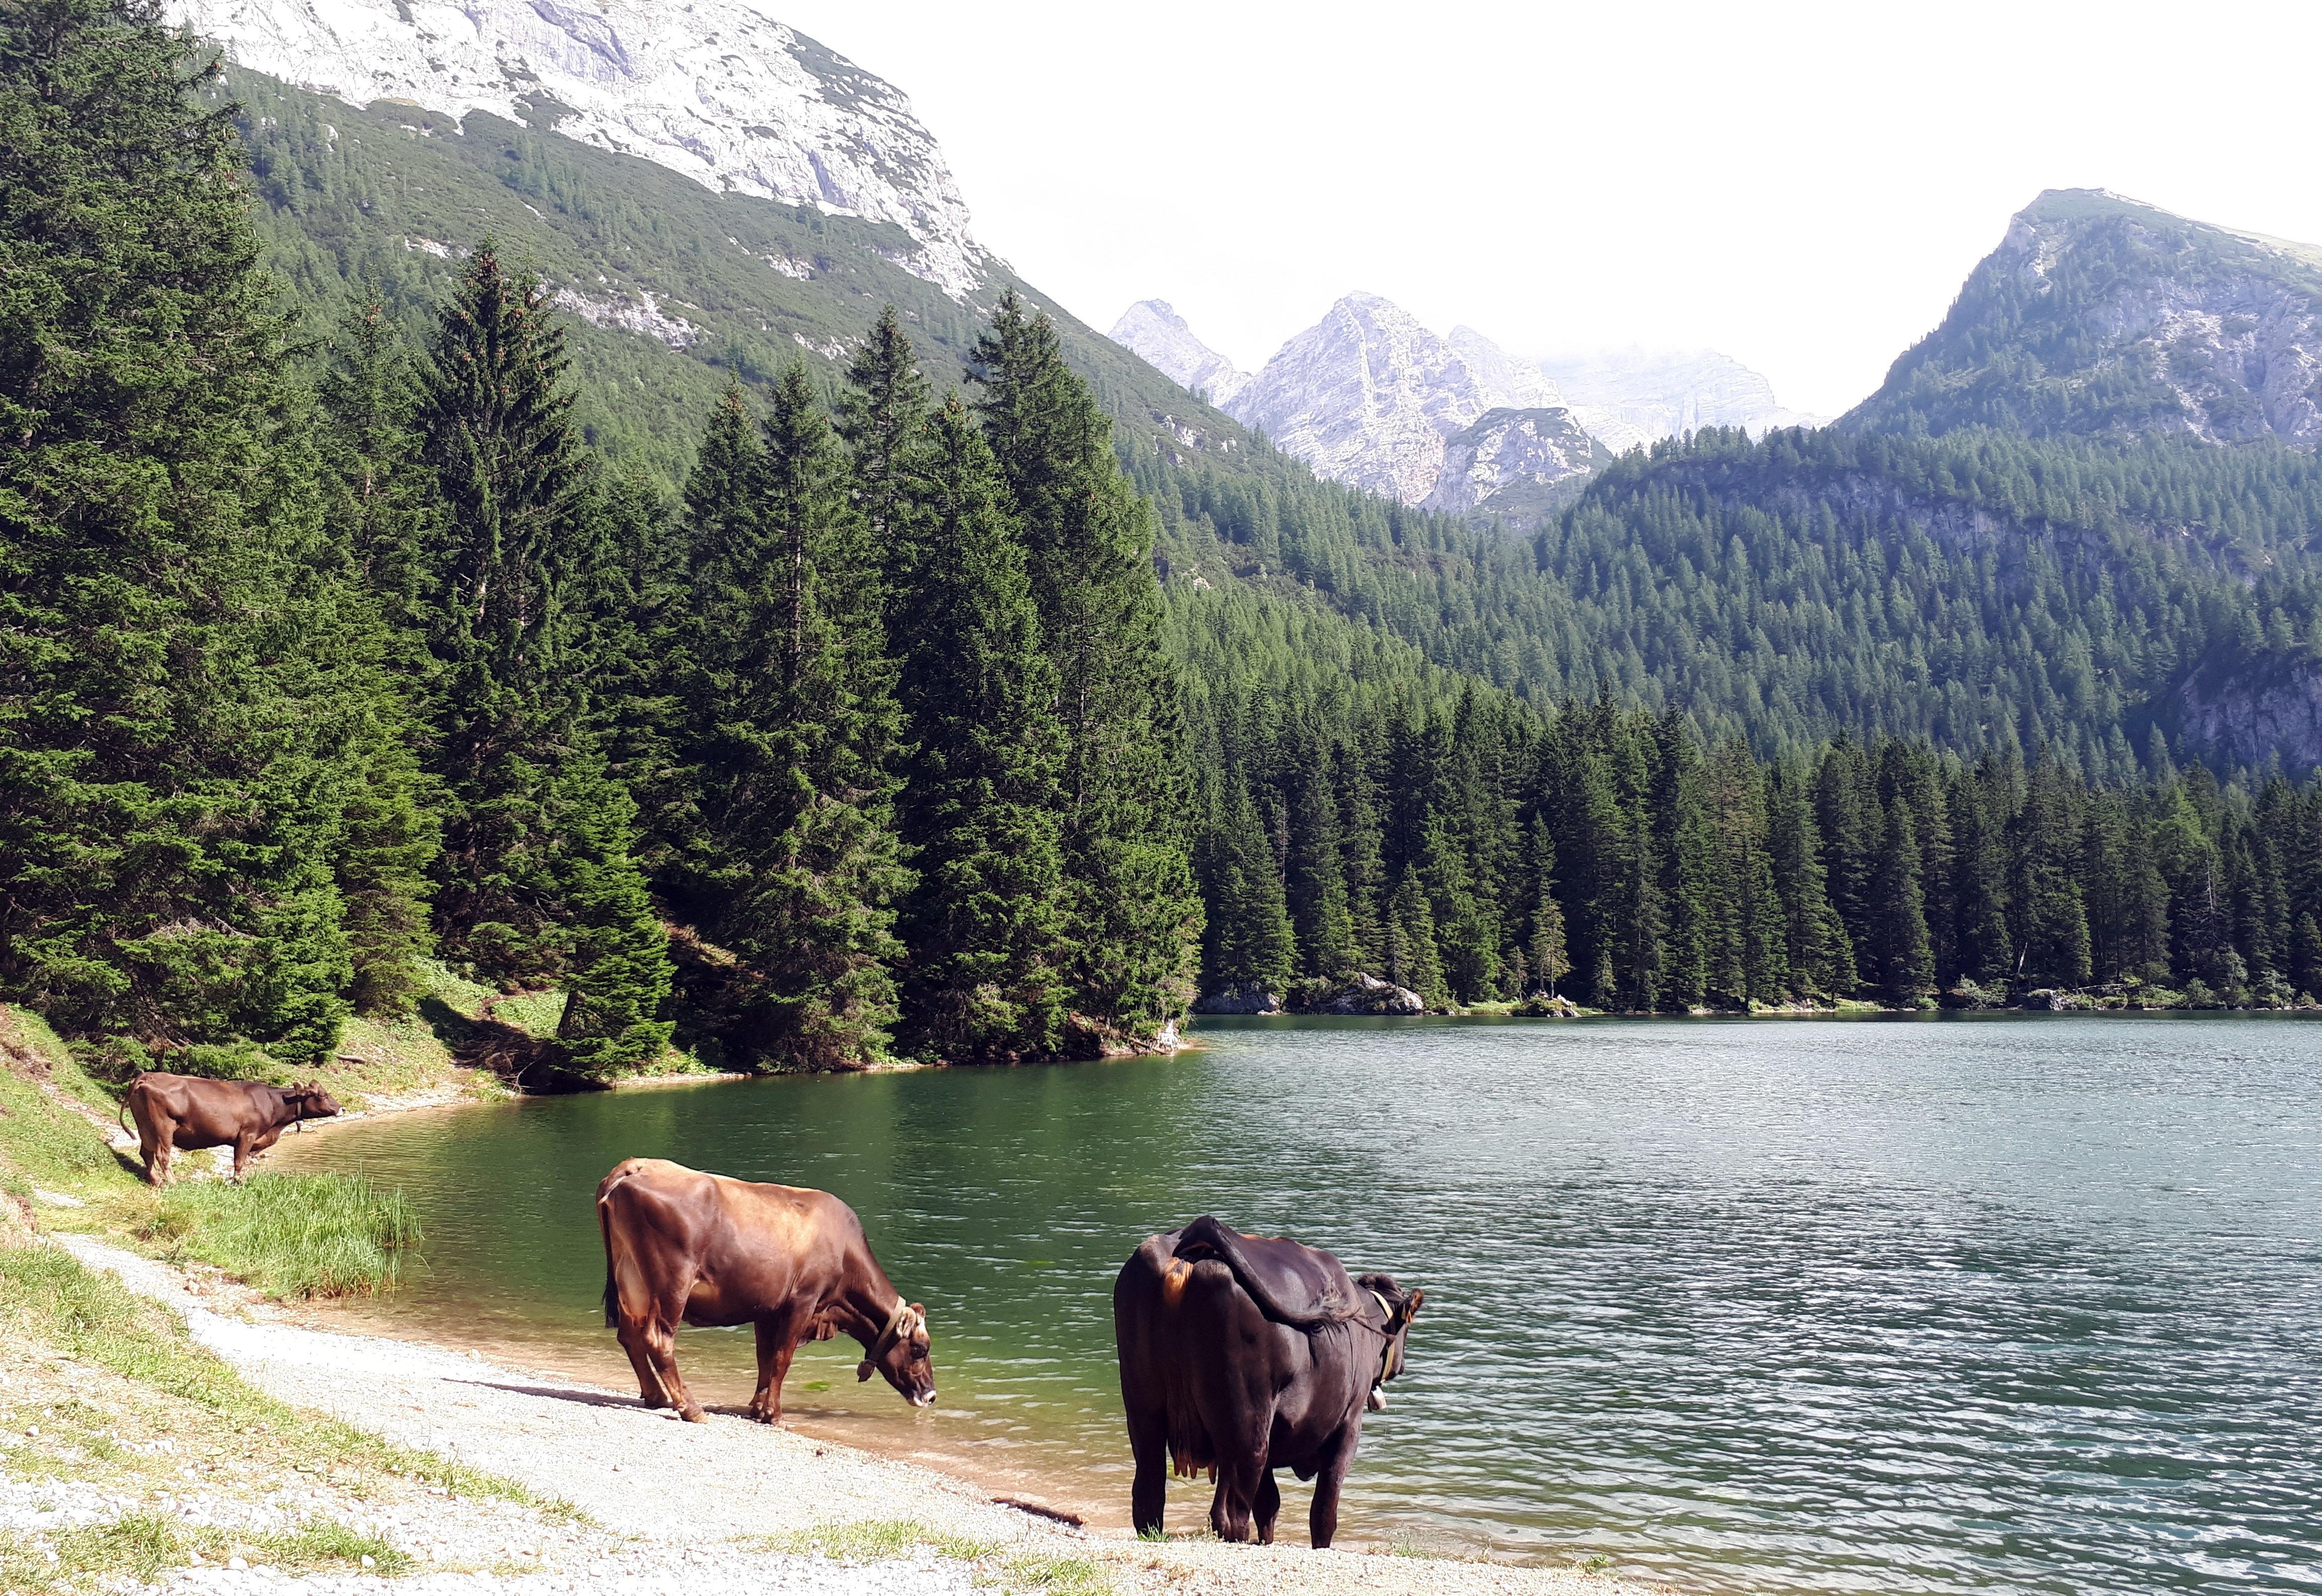 Muuuuuucche all'abbeveratoio naturale regalato dal lago di Valagola. Loro si che stanno bene!